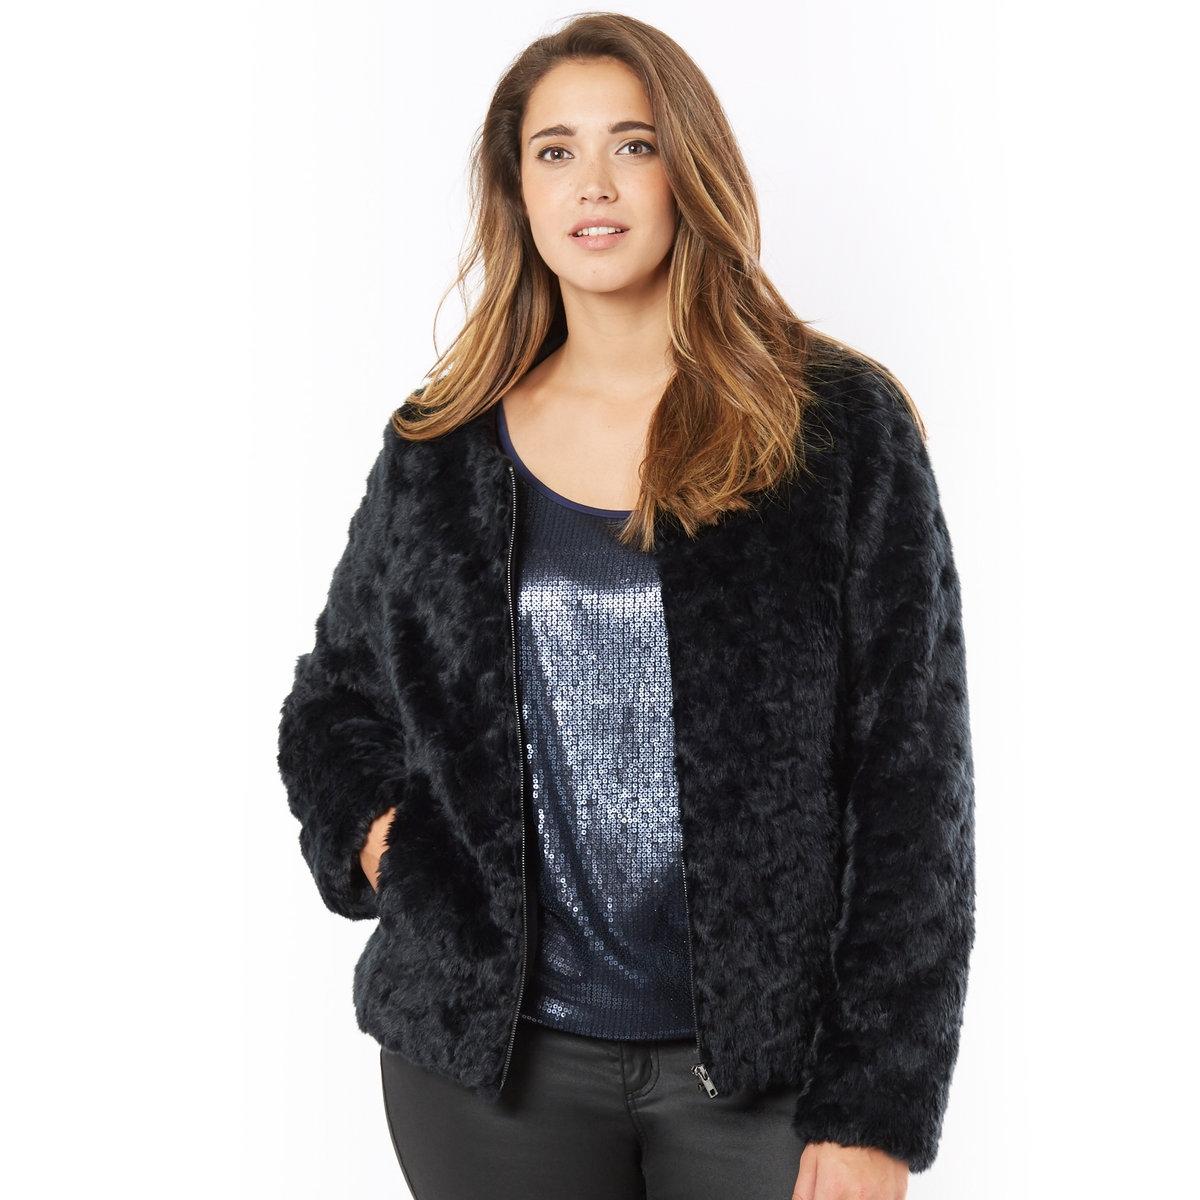 Куртка из искусственного мехаКуртка. Роскошная куртка из очень красивого искусственного меха ! Застежка на молнию спереди. 2 кармана. Искусственный мех, 78% акрила, 22% полиэстера, подкладка, 65% вискозы, 30% полиамида, 5% эластана. Длина 55 см.<br><br>Цвет: черный